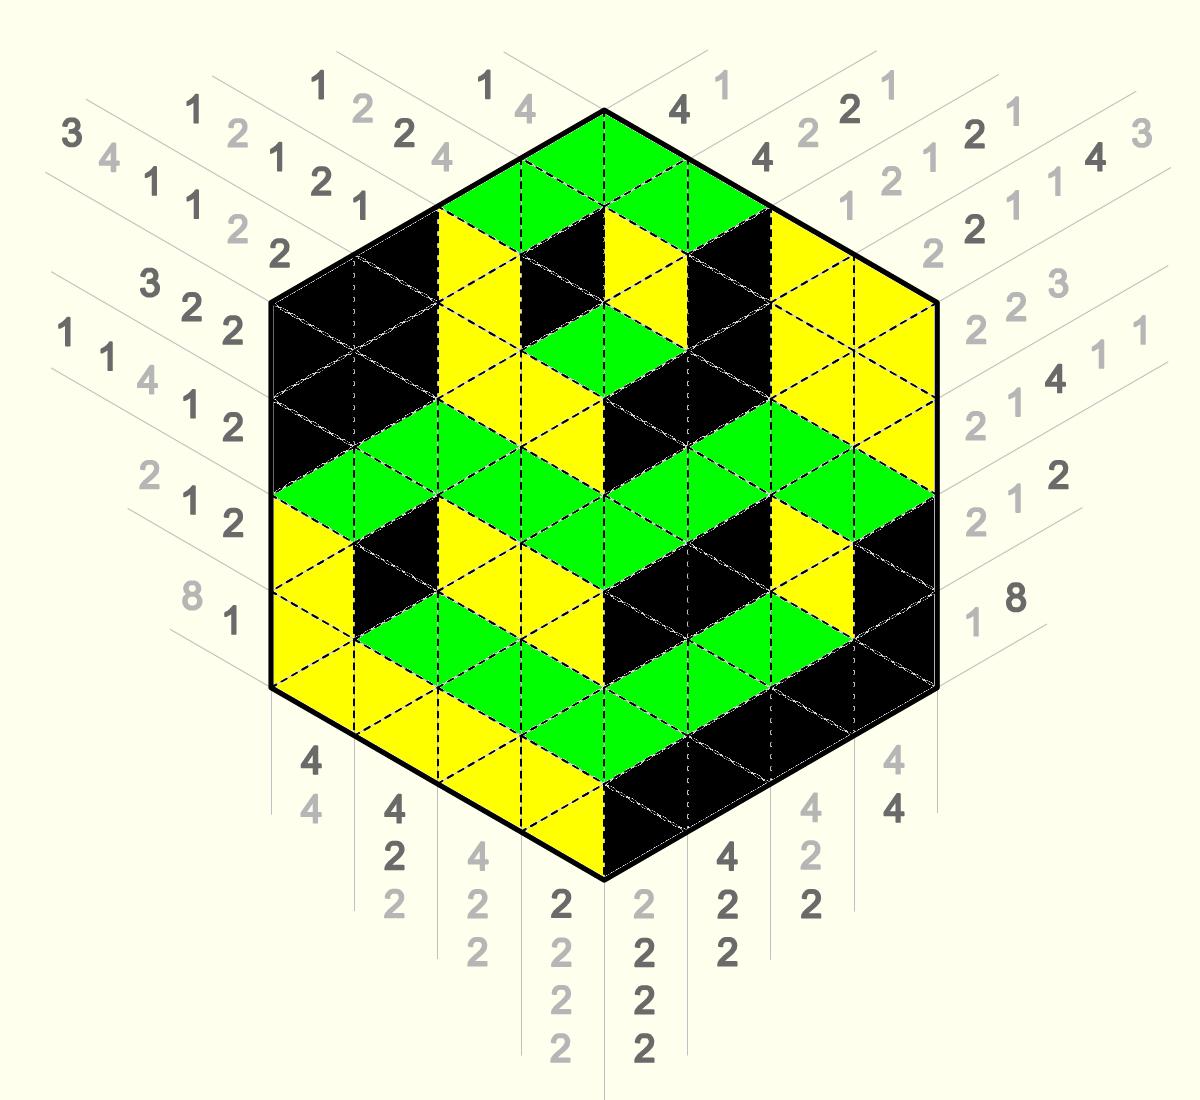 http://www.prise2tete.fr/upload/emmaenne-FRiZMOUT.png